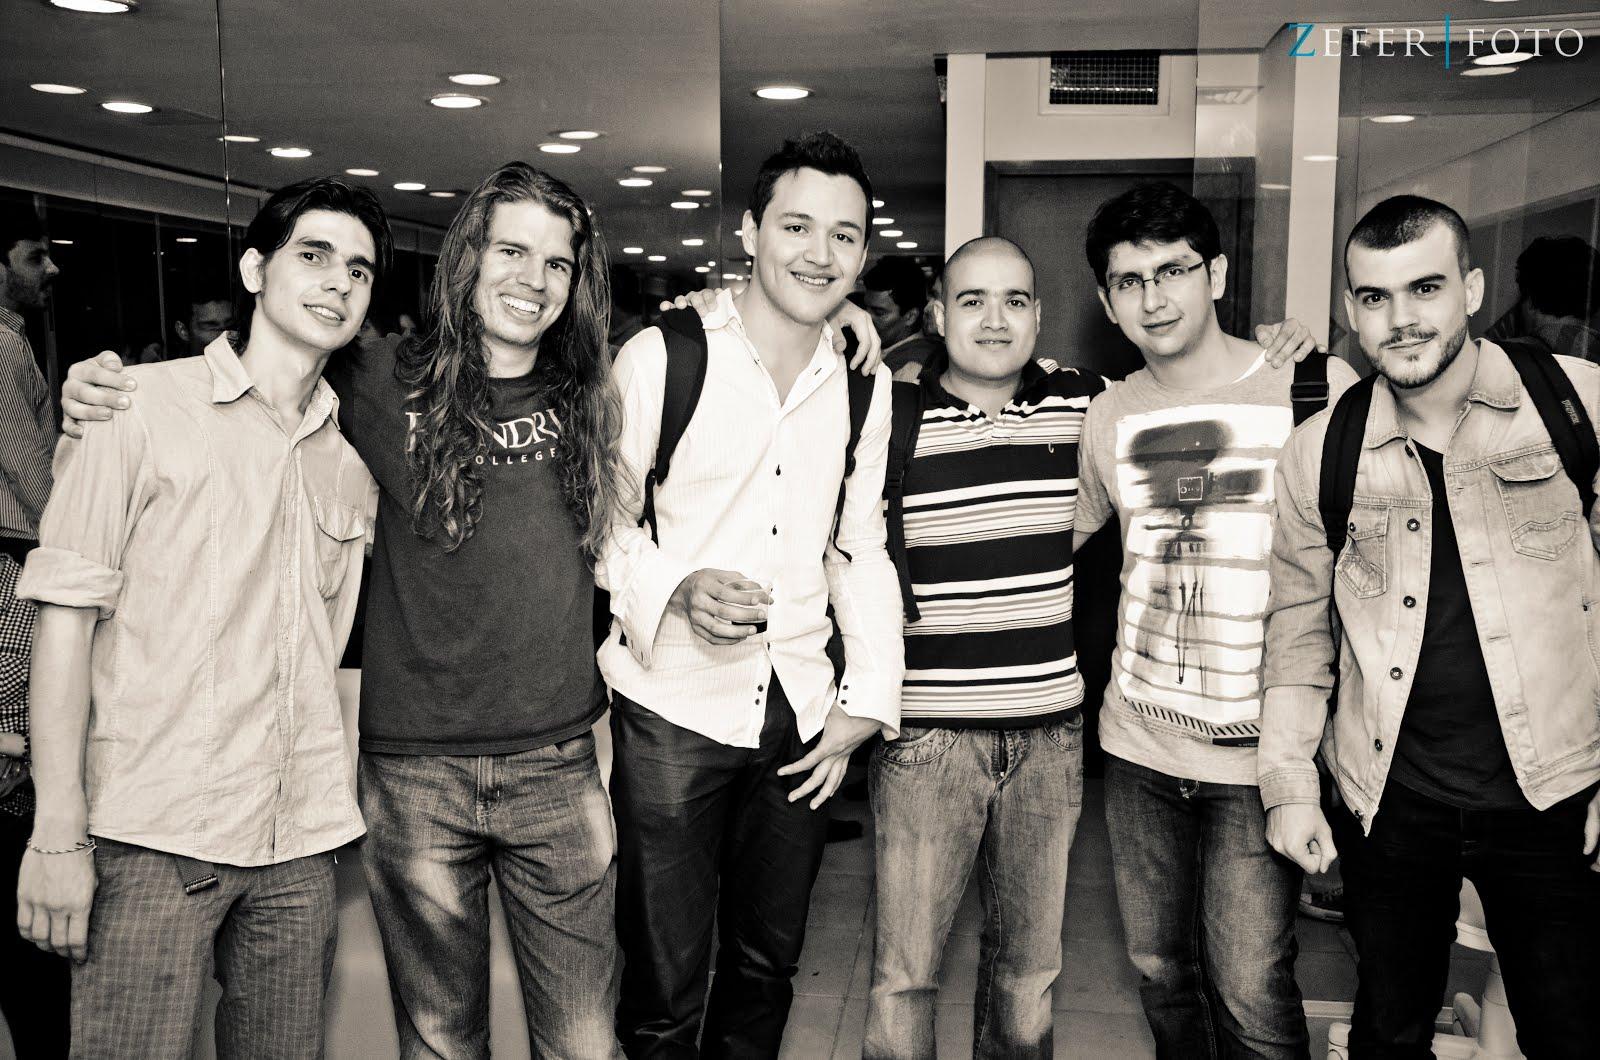 Medellin Entrepreneurs